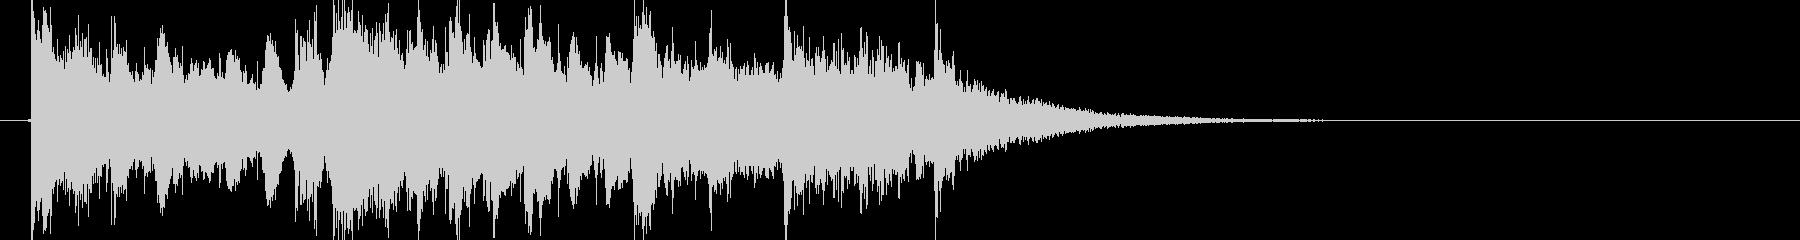 ファンファーレ、勝利、管弦楽、マーチングの未再生の波形